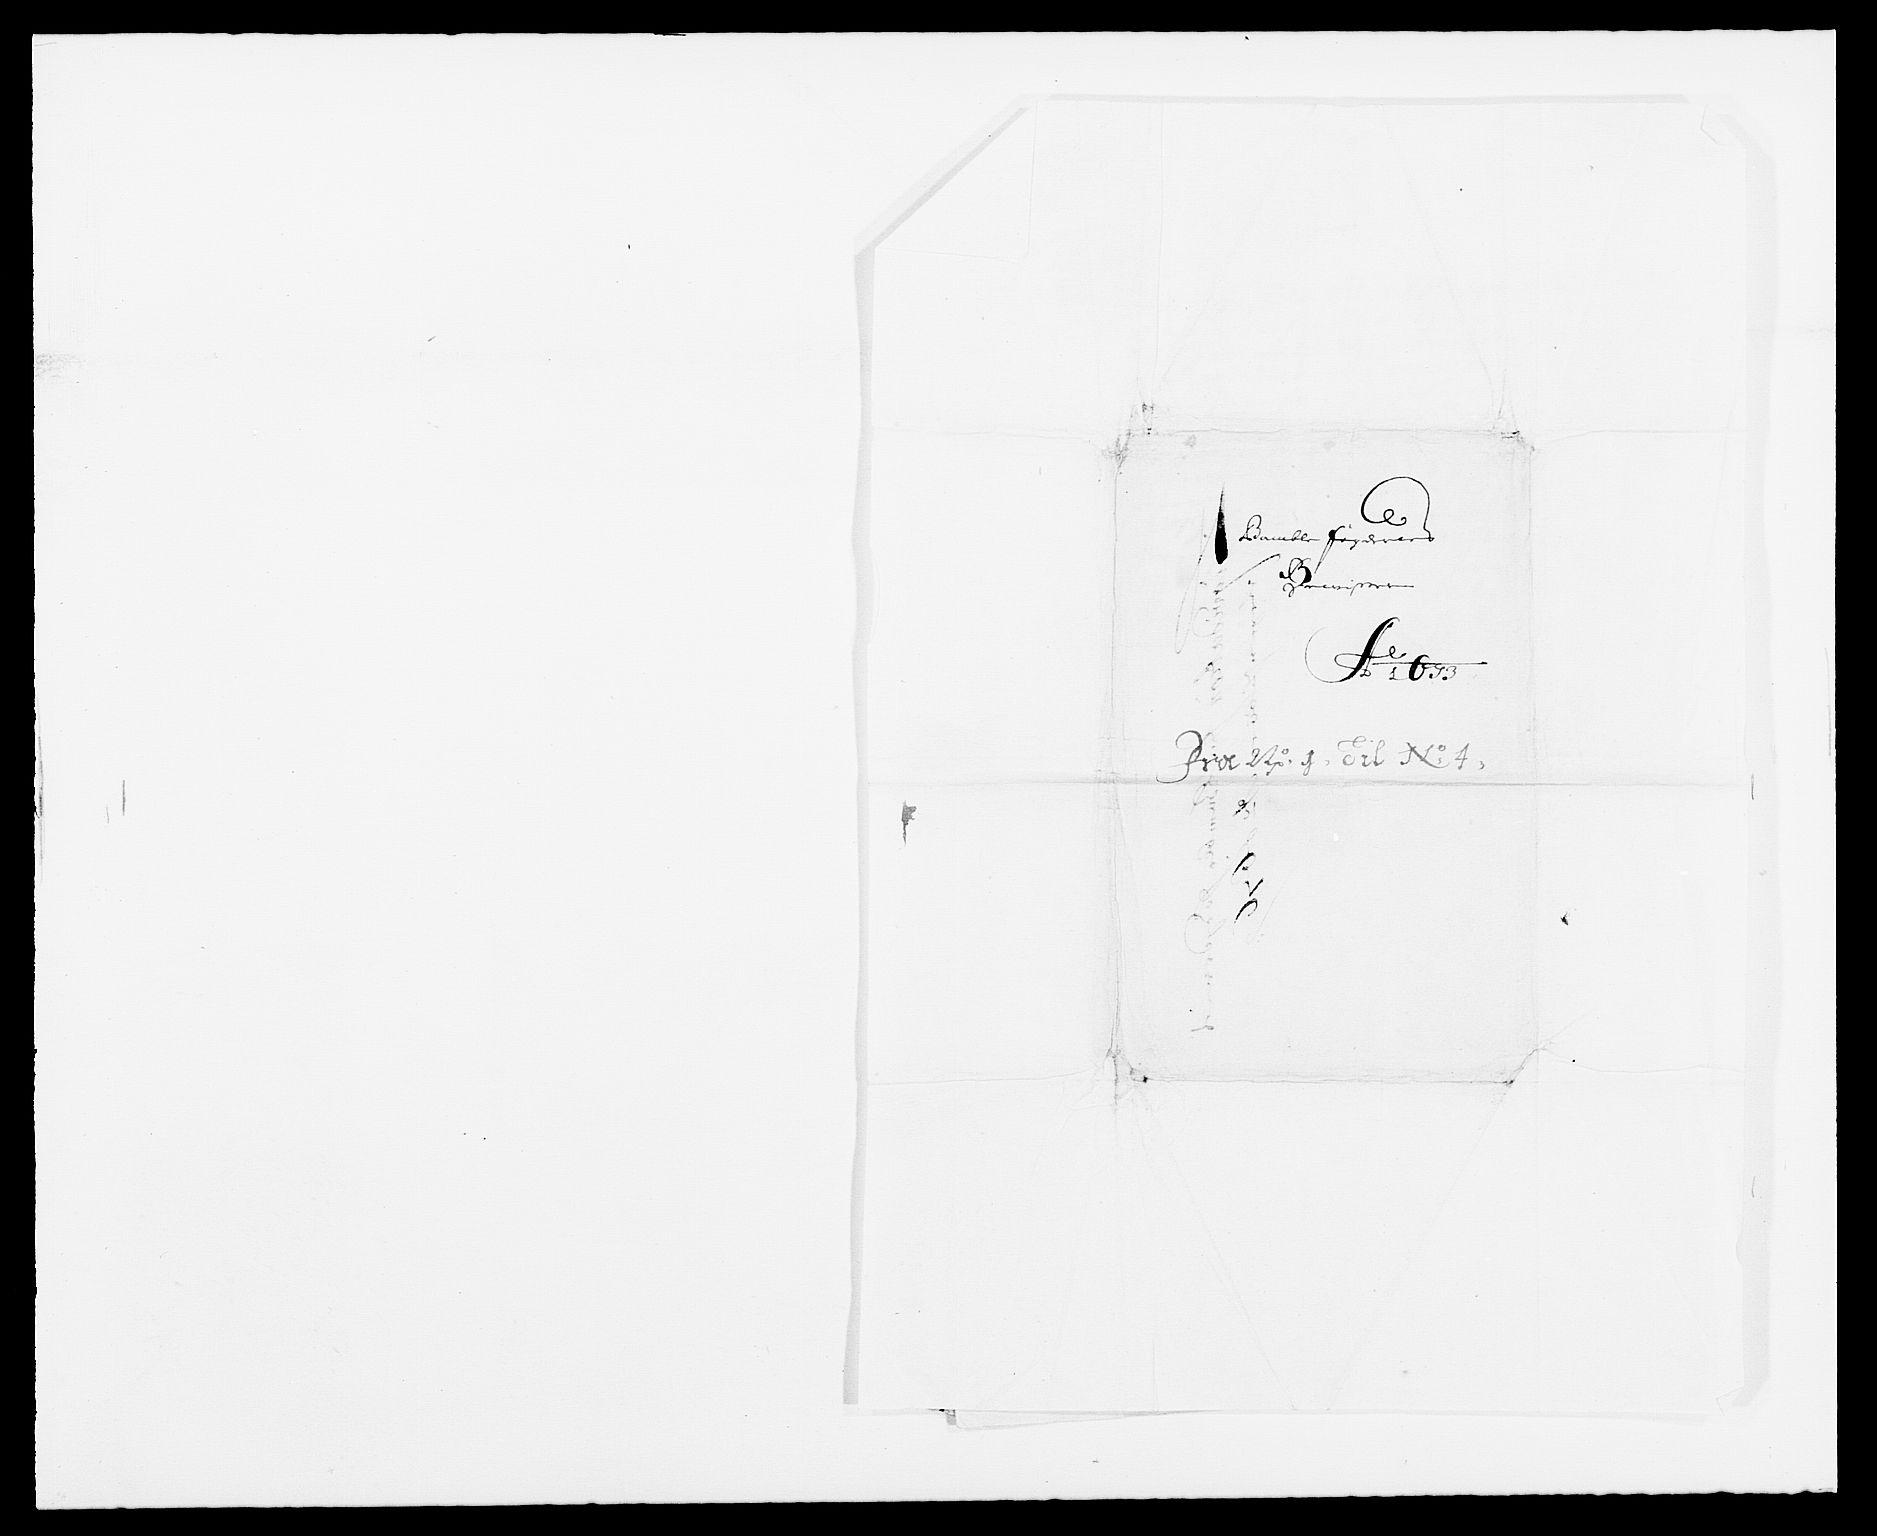 RA, Rentekammeret inntil 1814, Reviderte regnskaper, Fogderegnskap, R34/L2042: Fogderegnskap Bamble, 1673-1675, s. 117